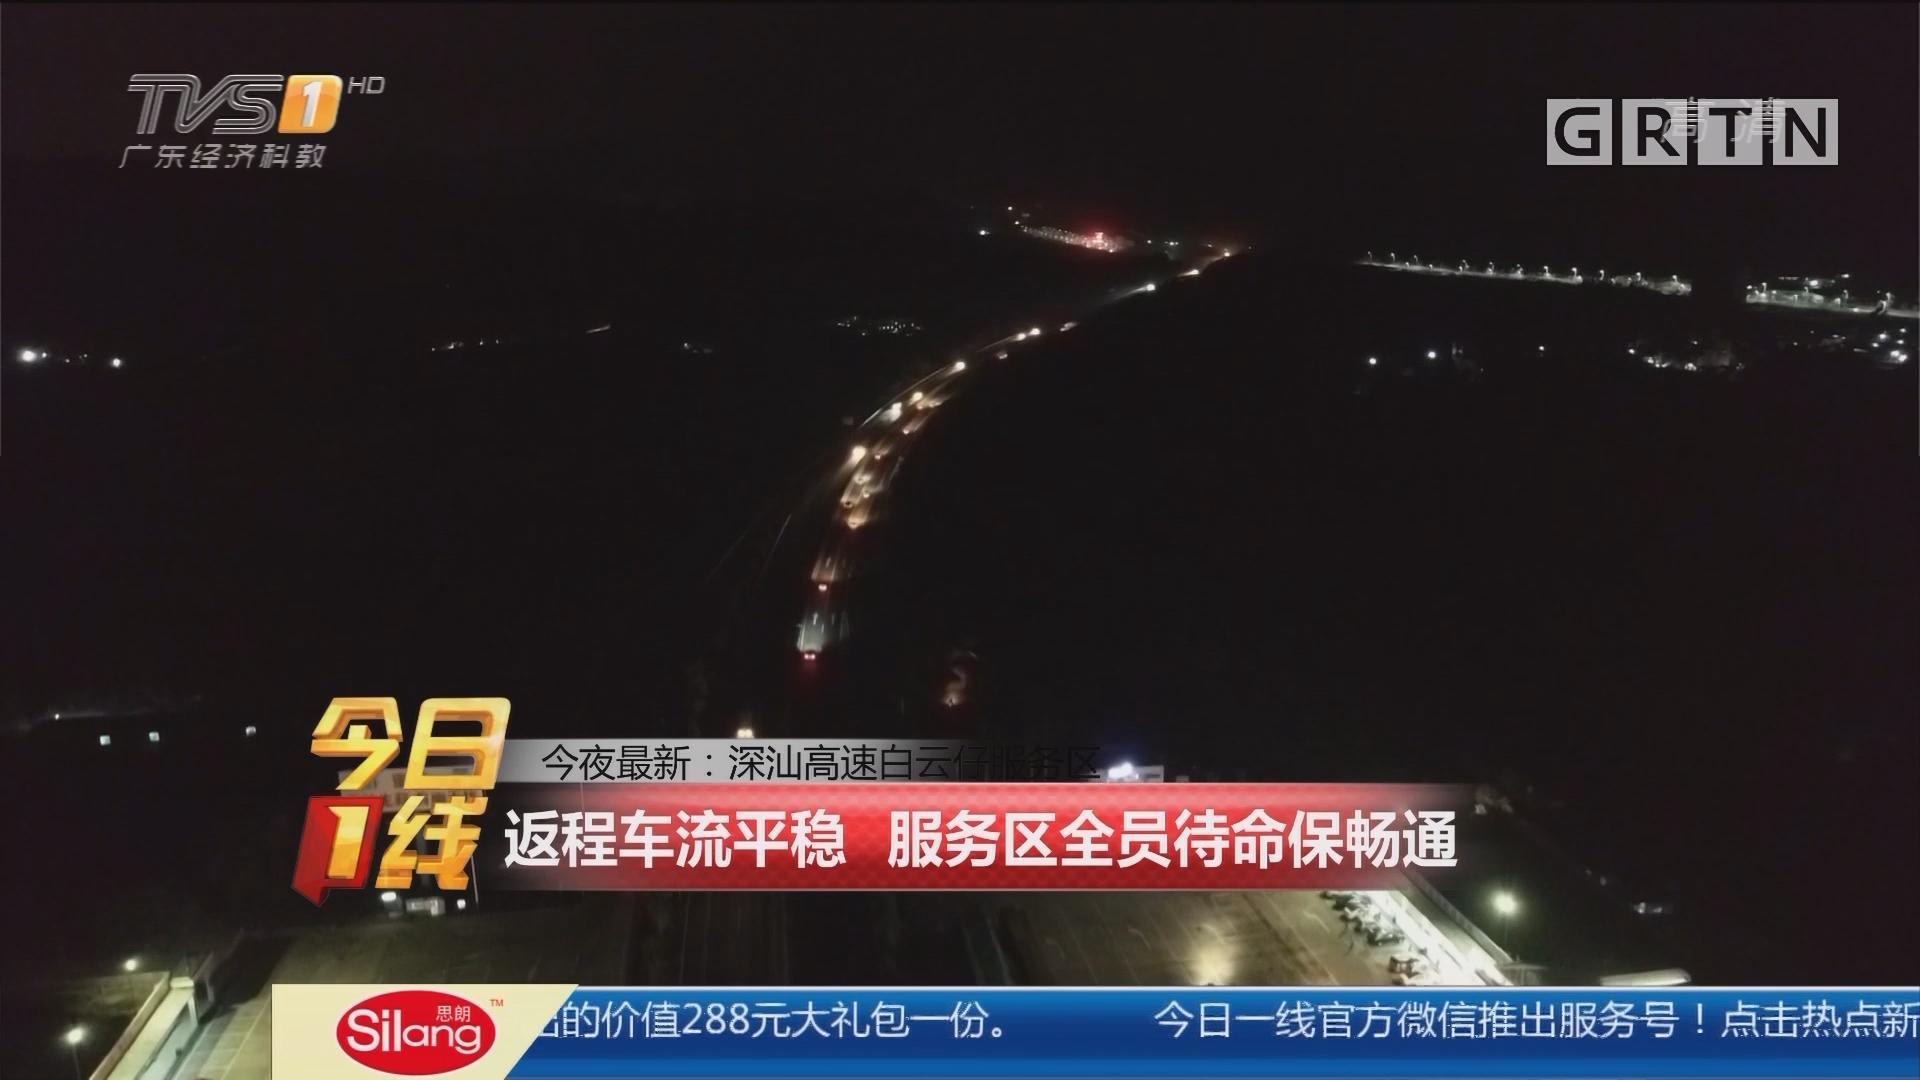 今夜最新:深汕高速白云仔服务区 返程车流平稳 服务区全员待命保畅通